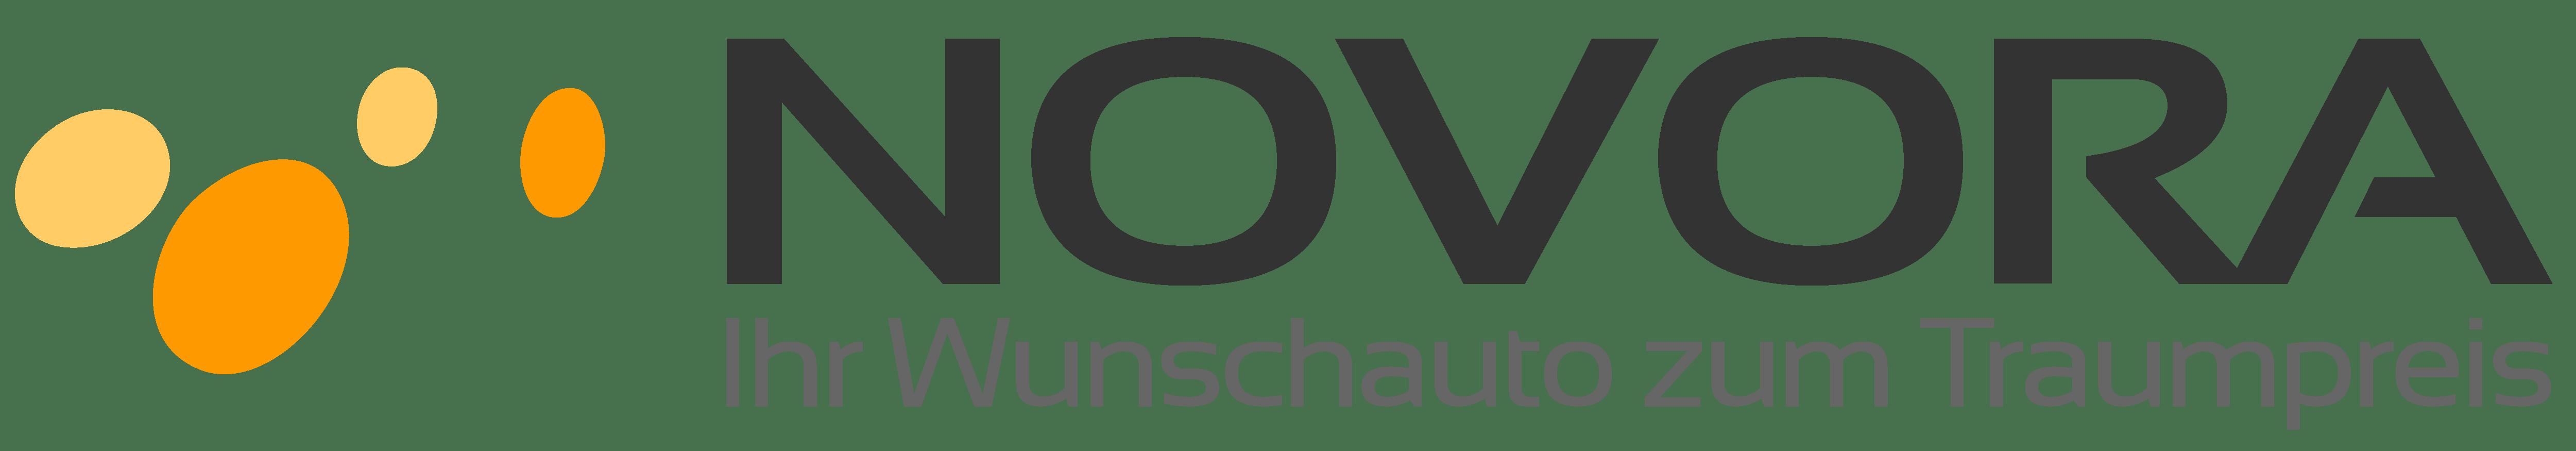 Nova Rechner Import Kosten Einfach Berechnen Novora